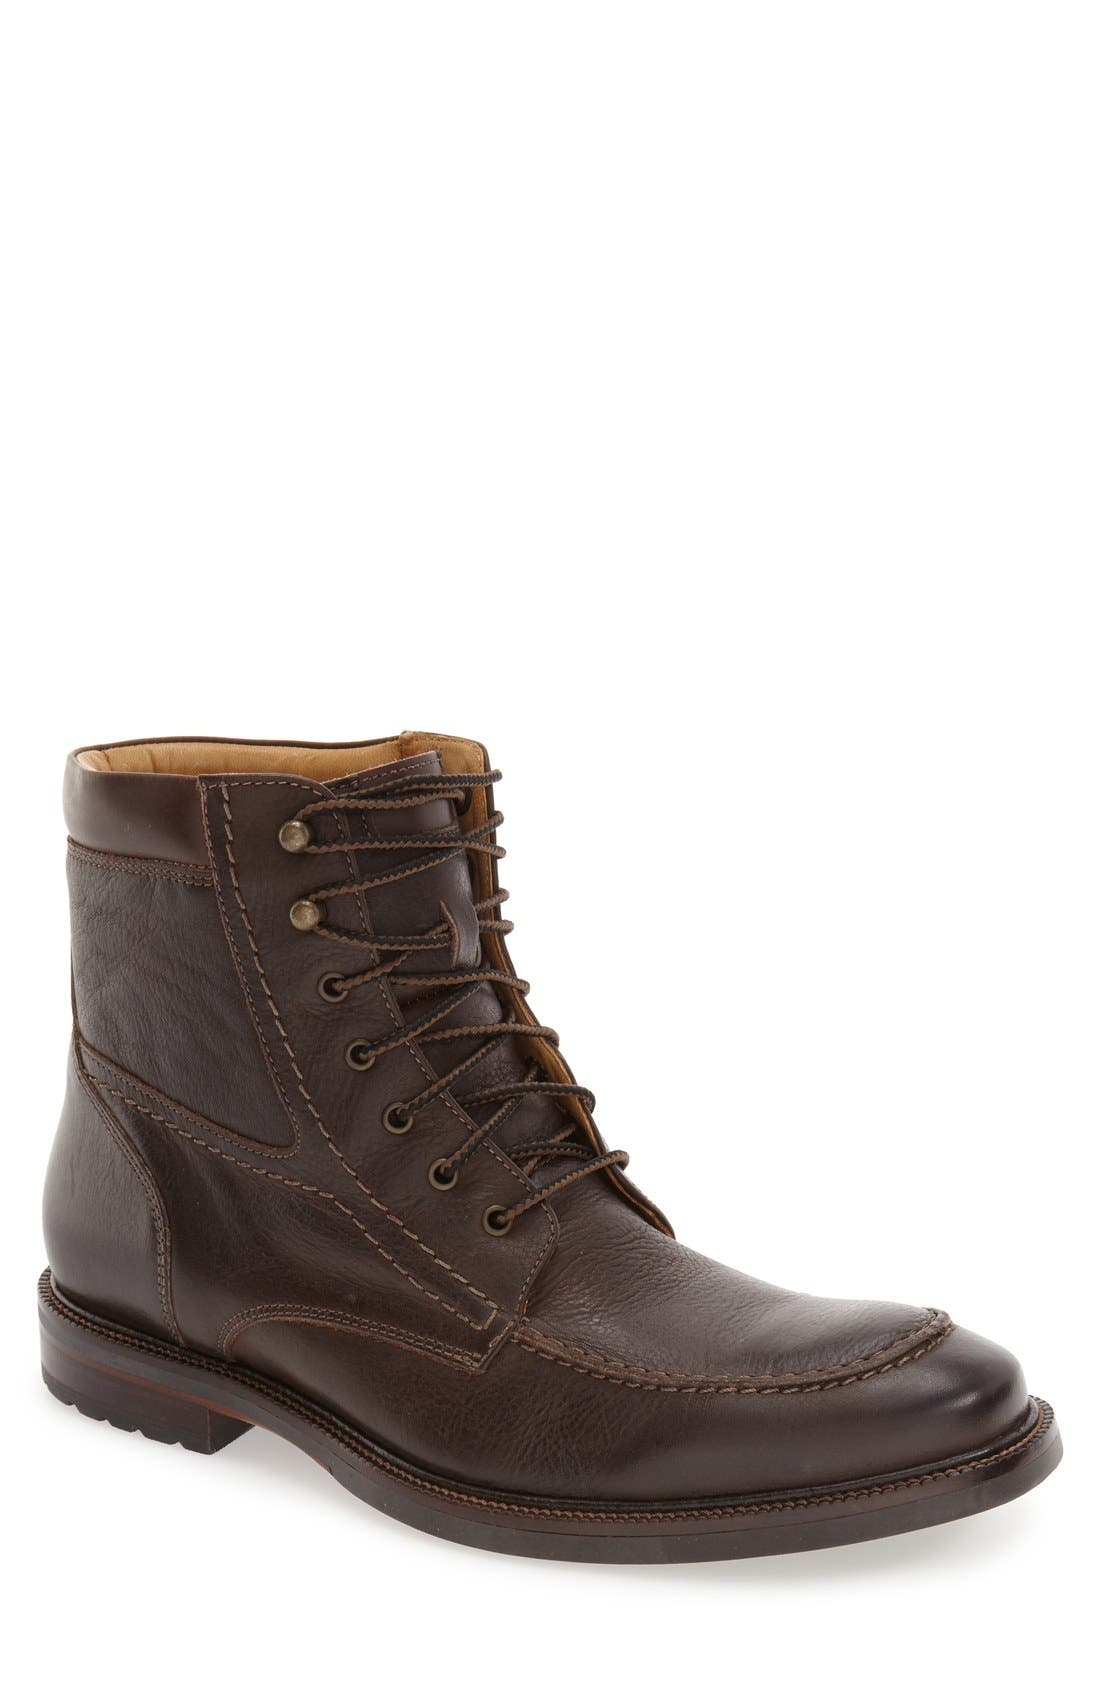 'Baird' Moc Toe Boot,                         Main,                         color, Brown